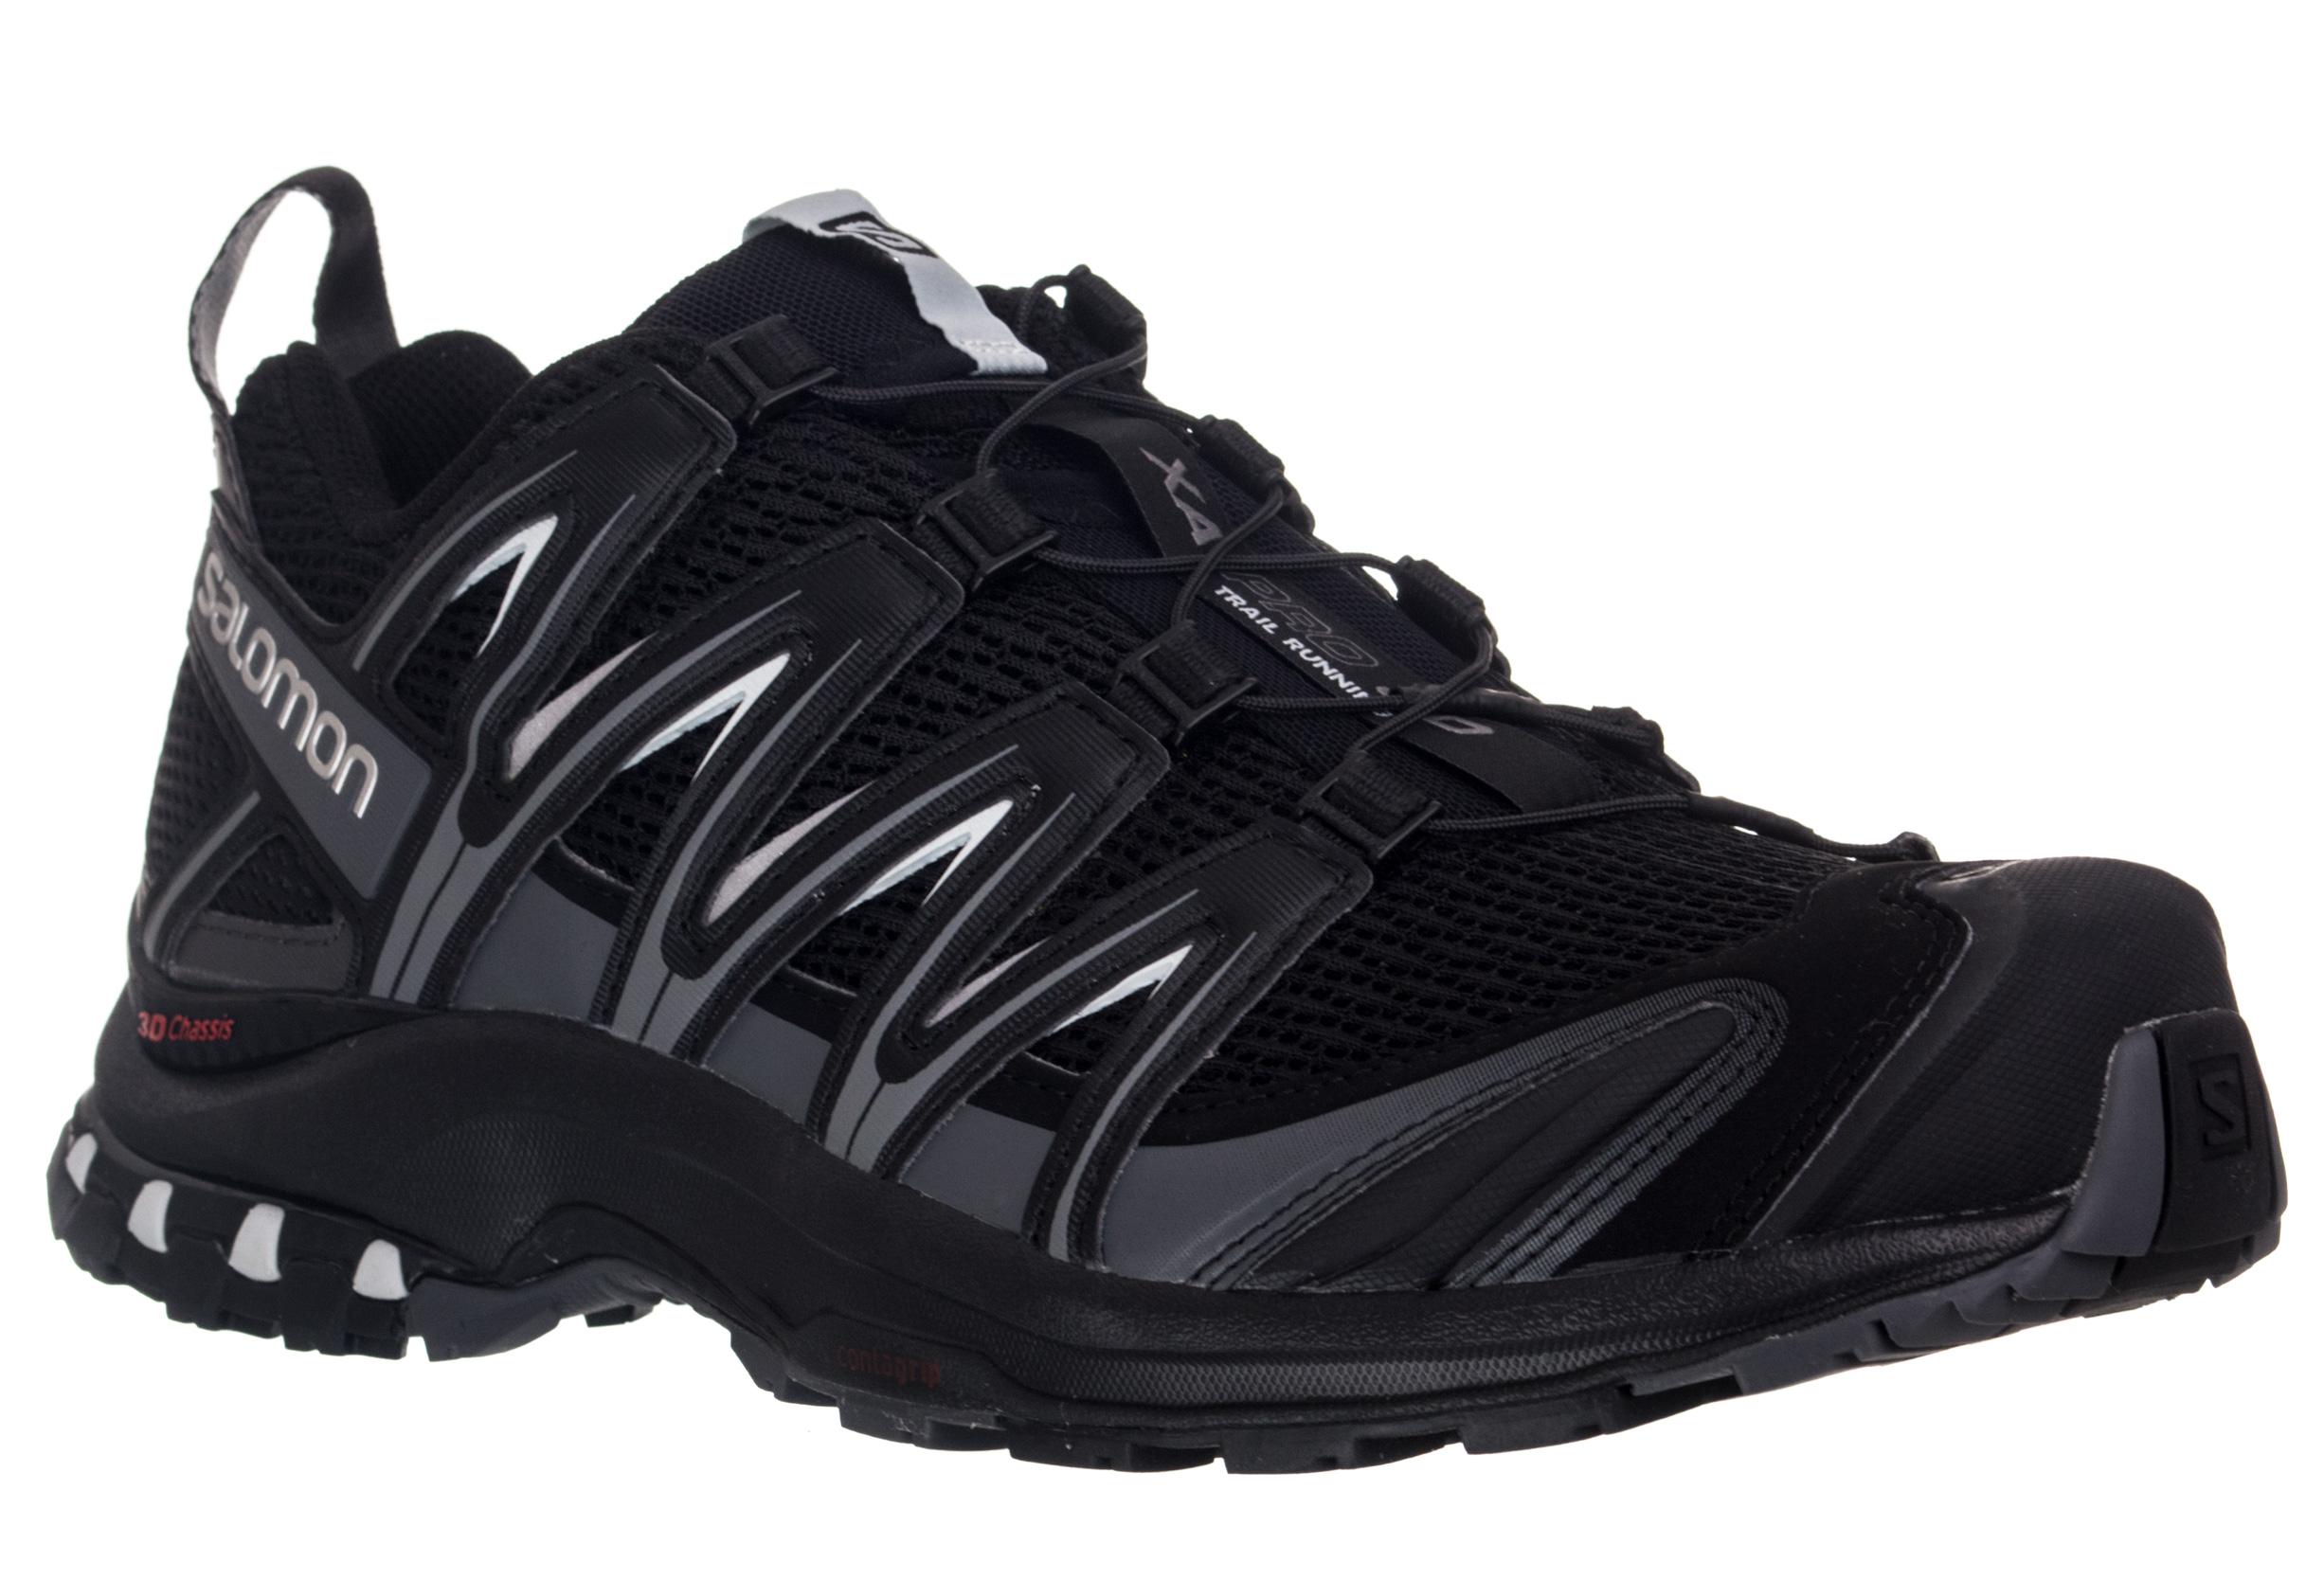 Salomon XA Pro 3D Chaussures running Homme noir (2018